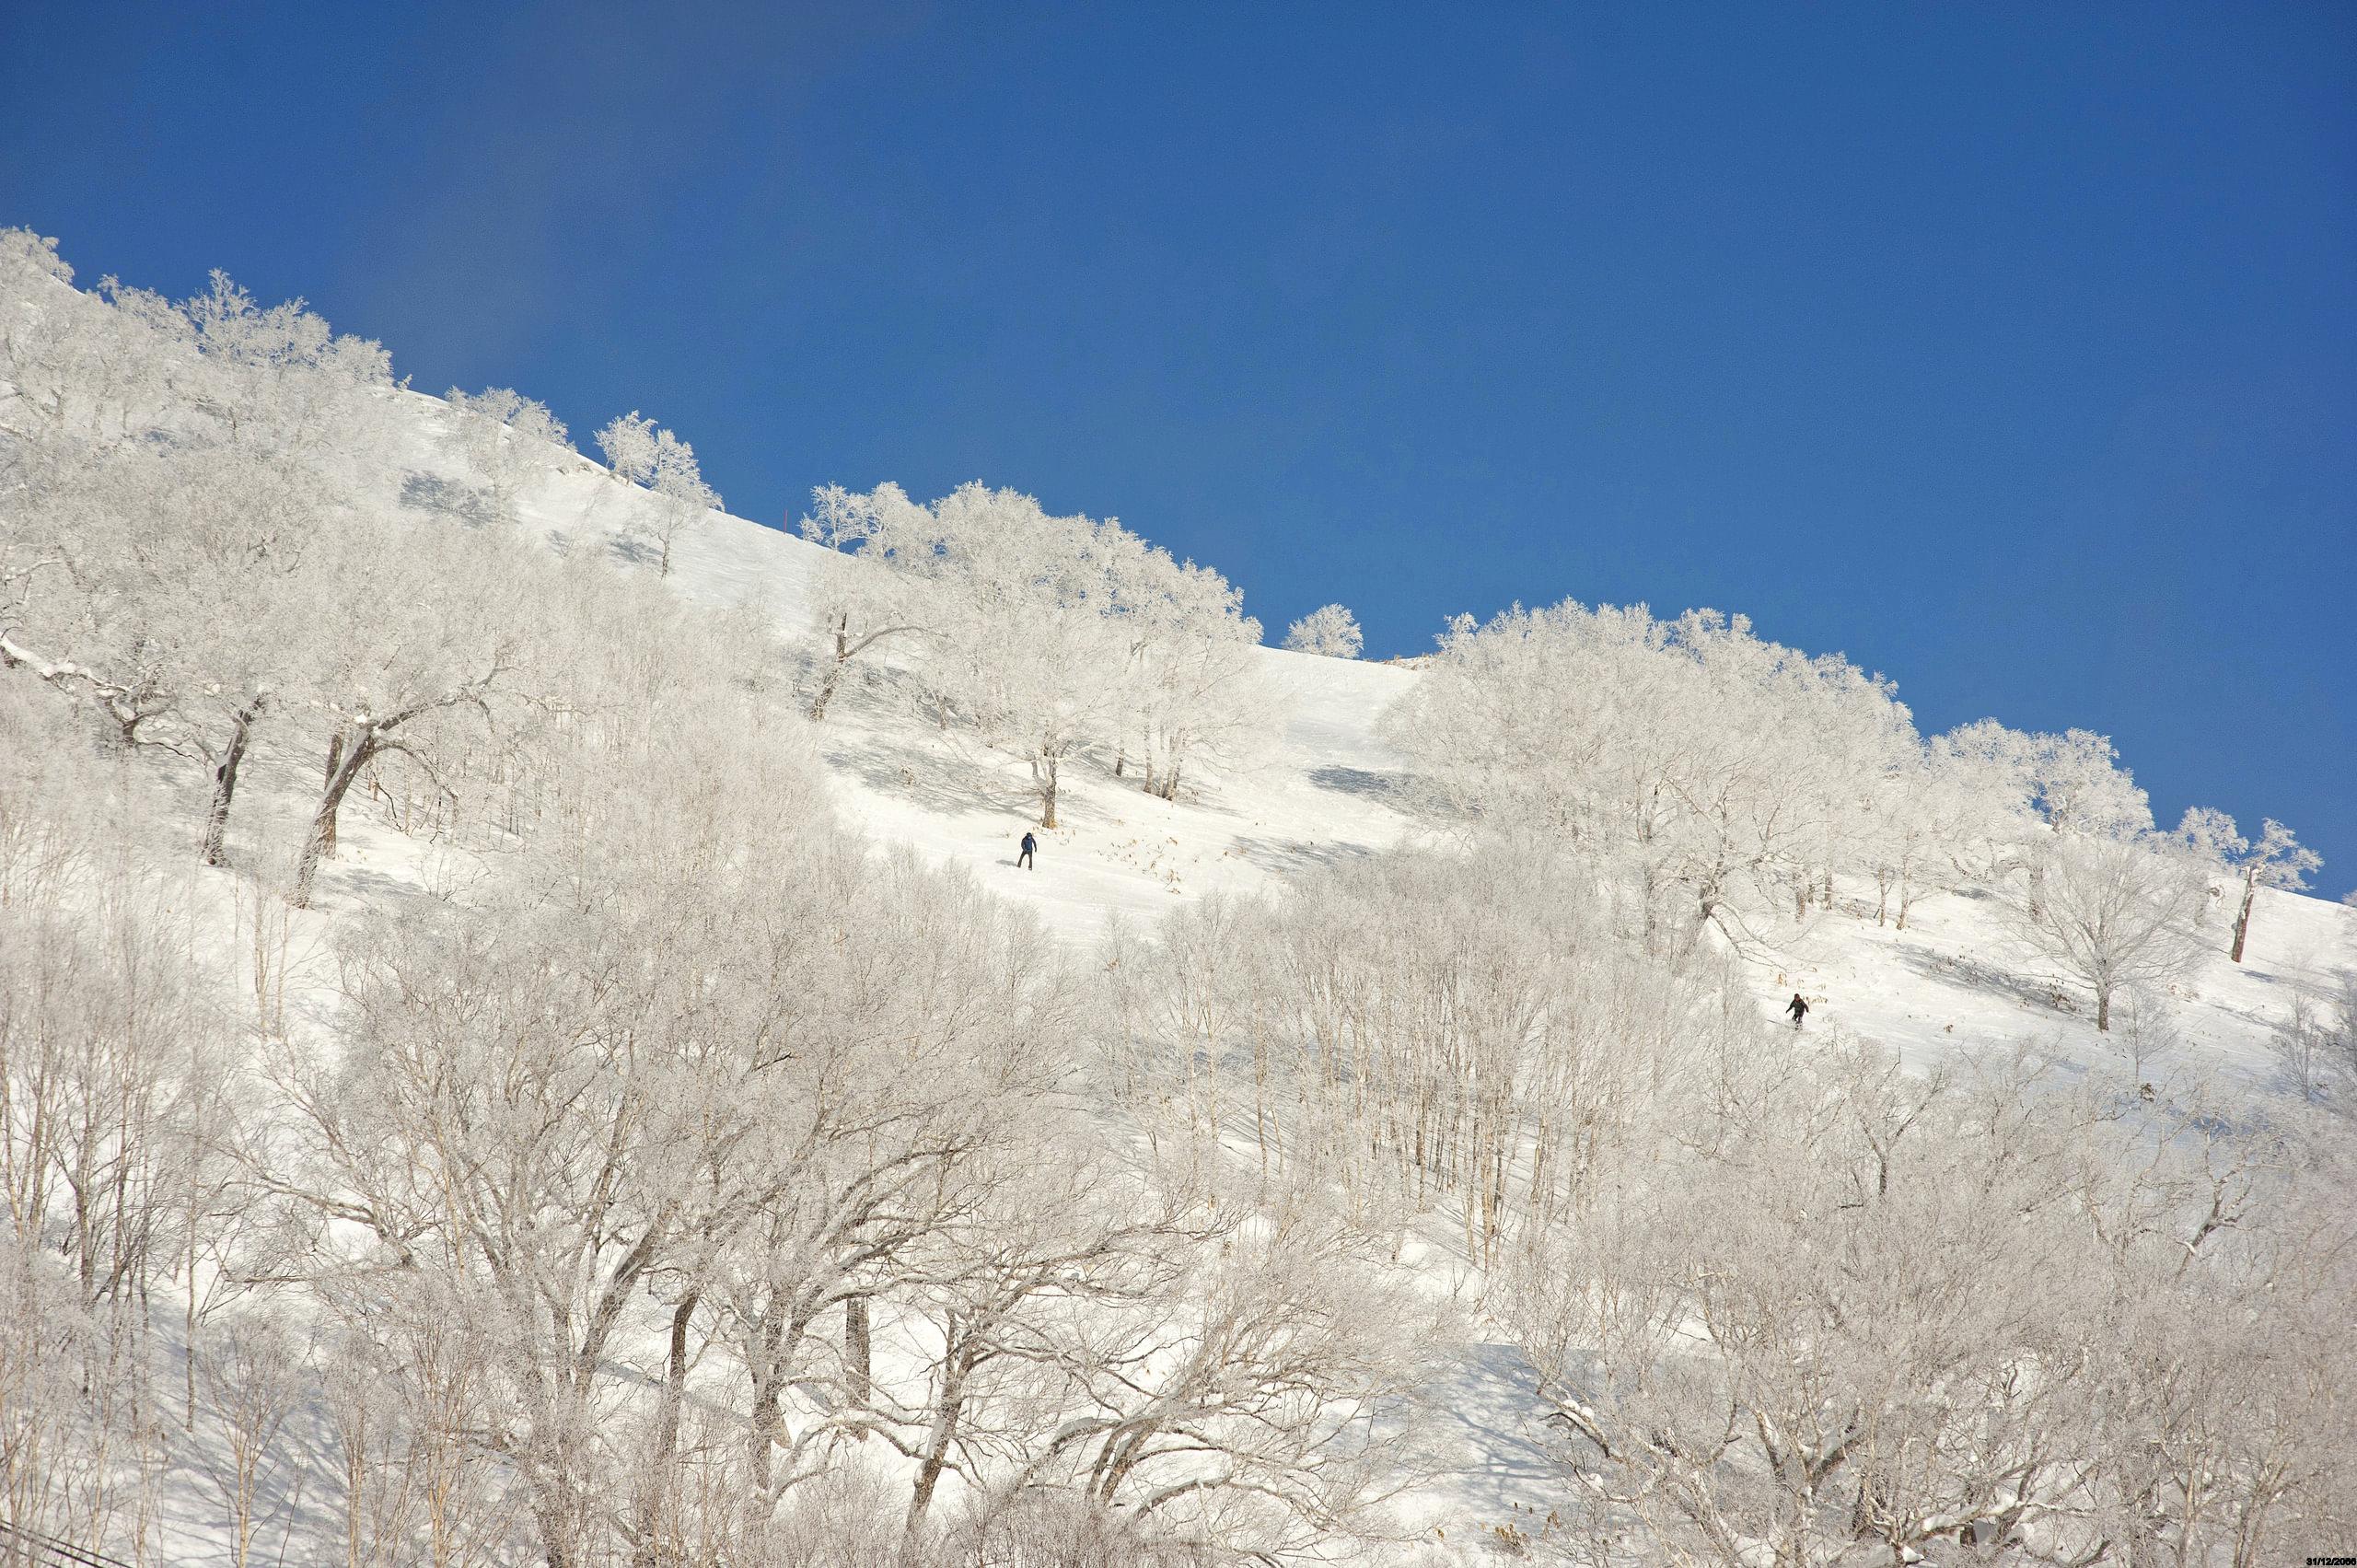 Tomamu Hokkaido